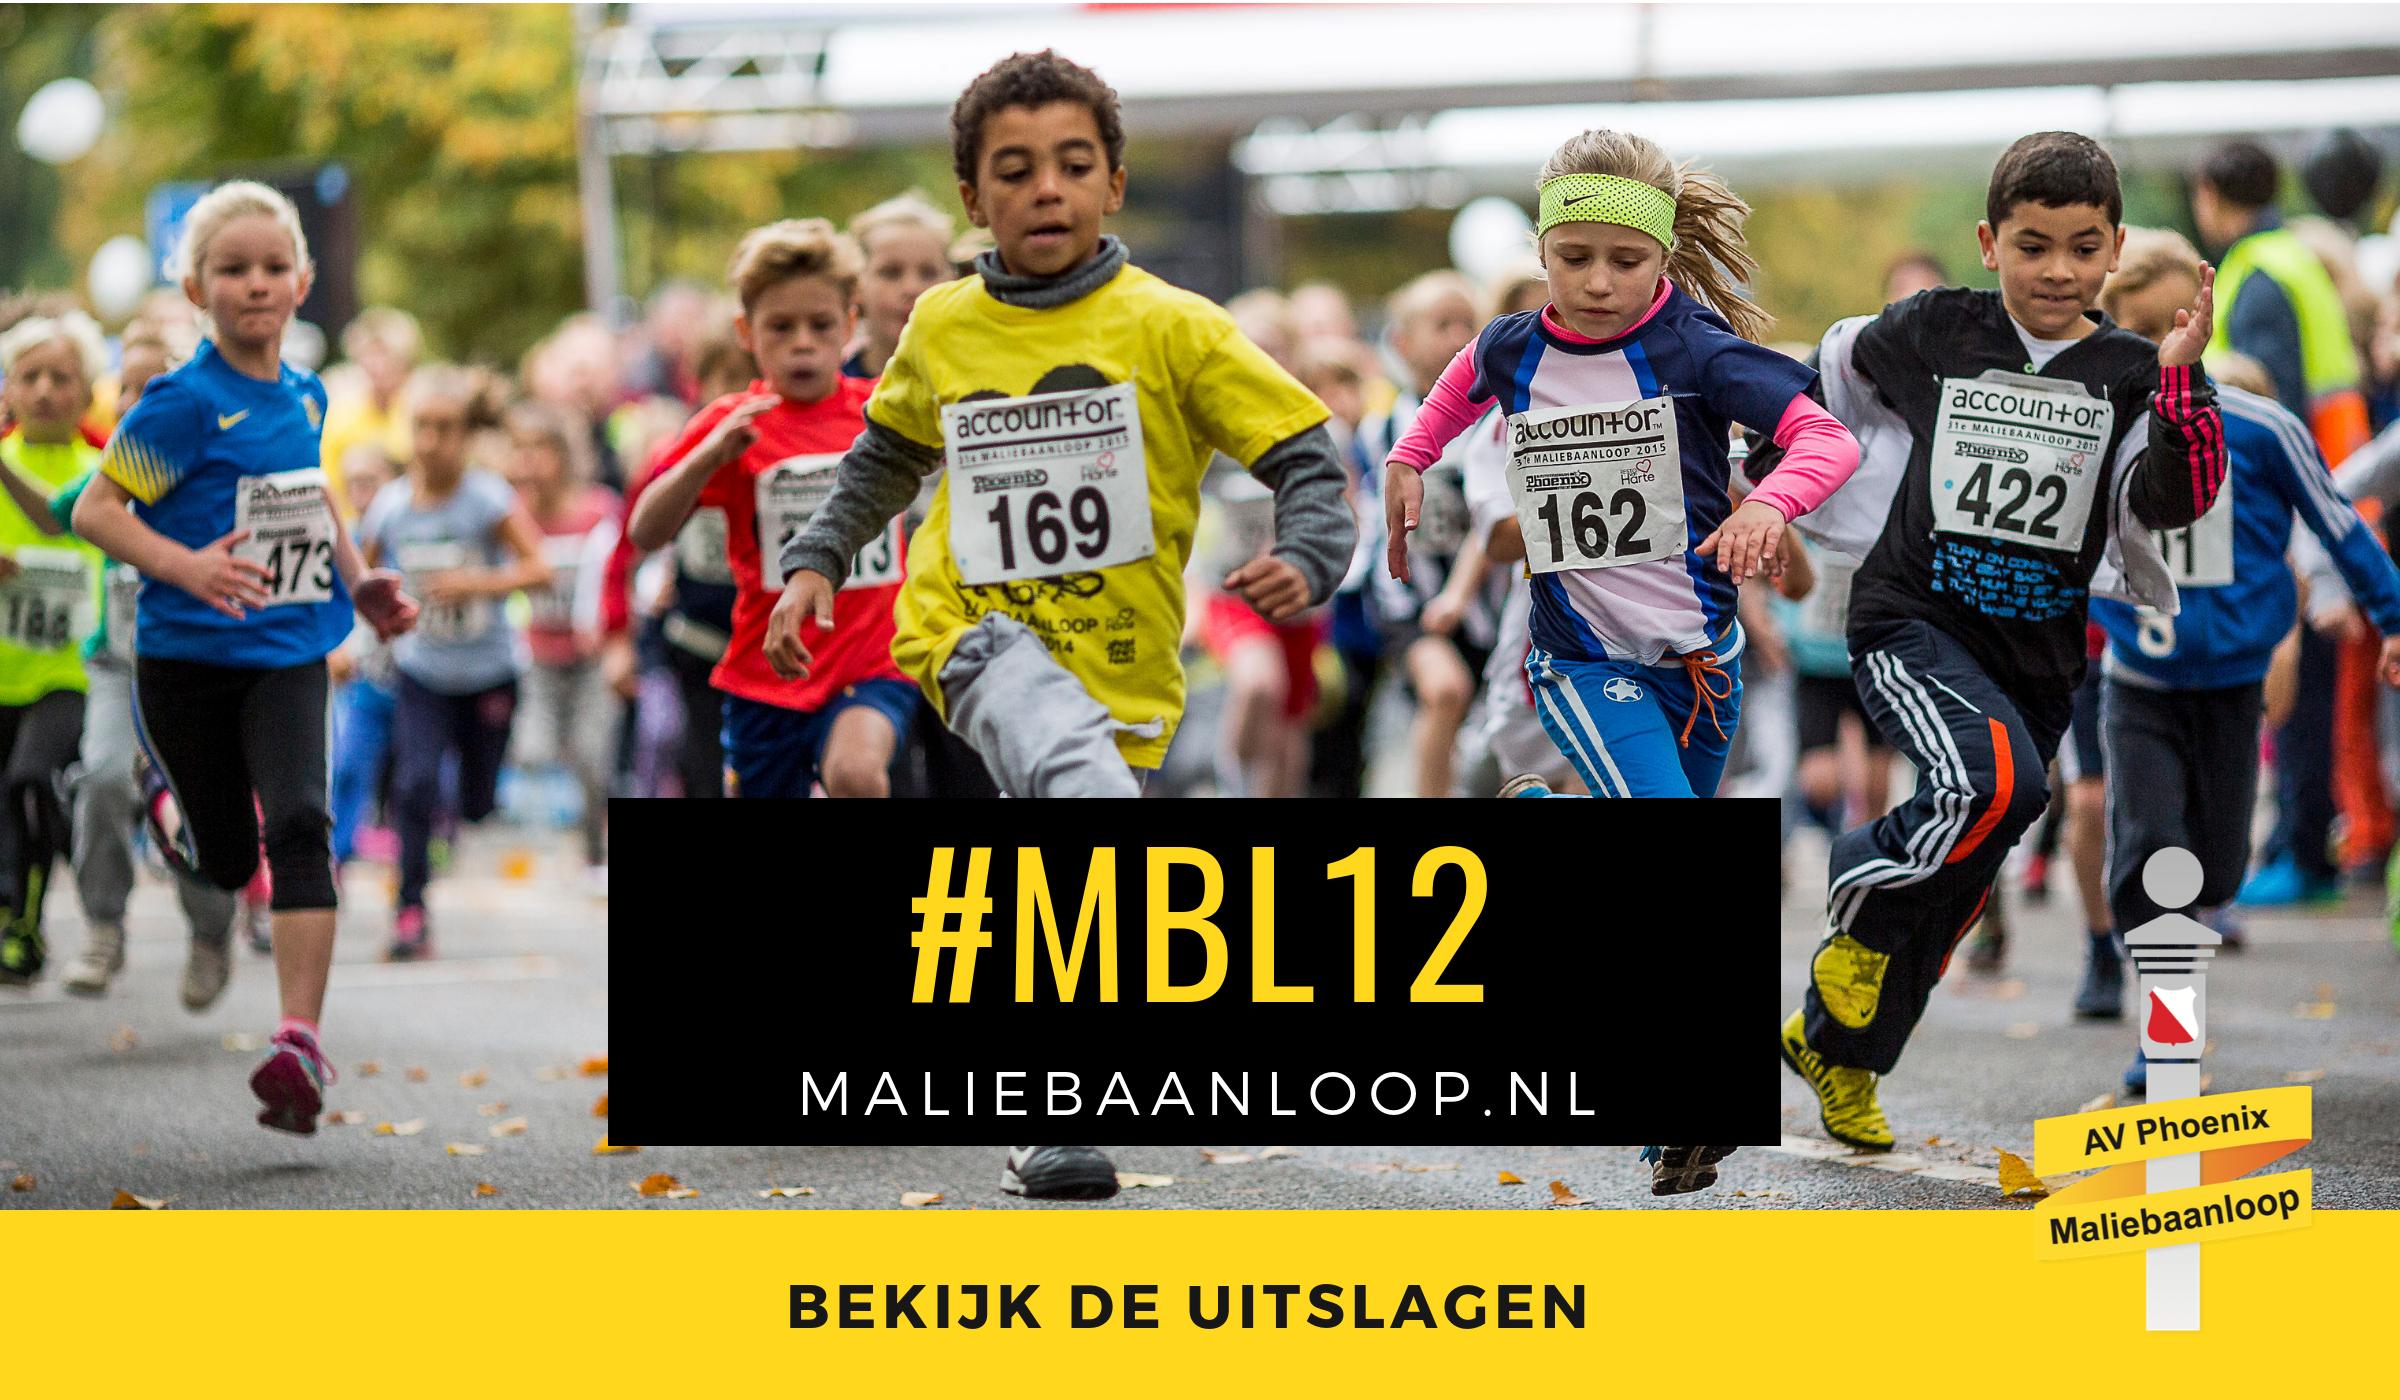 Uitslagen 28ste Maliebaanloop 2012